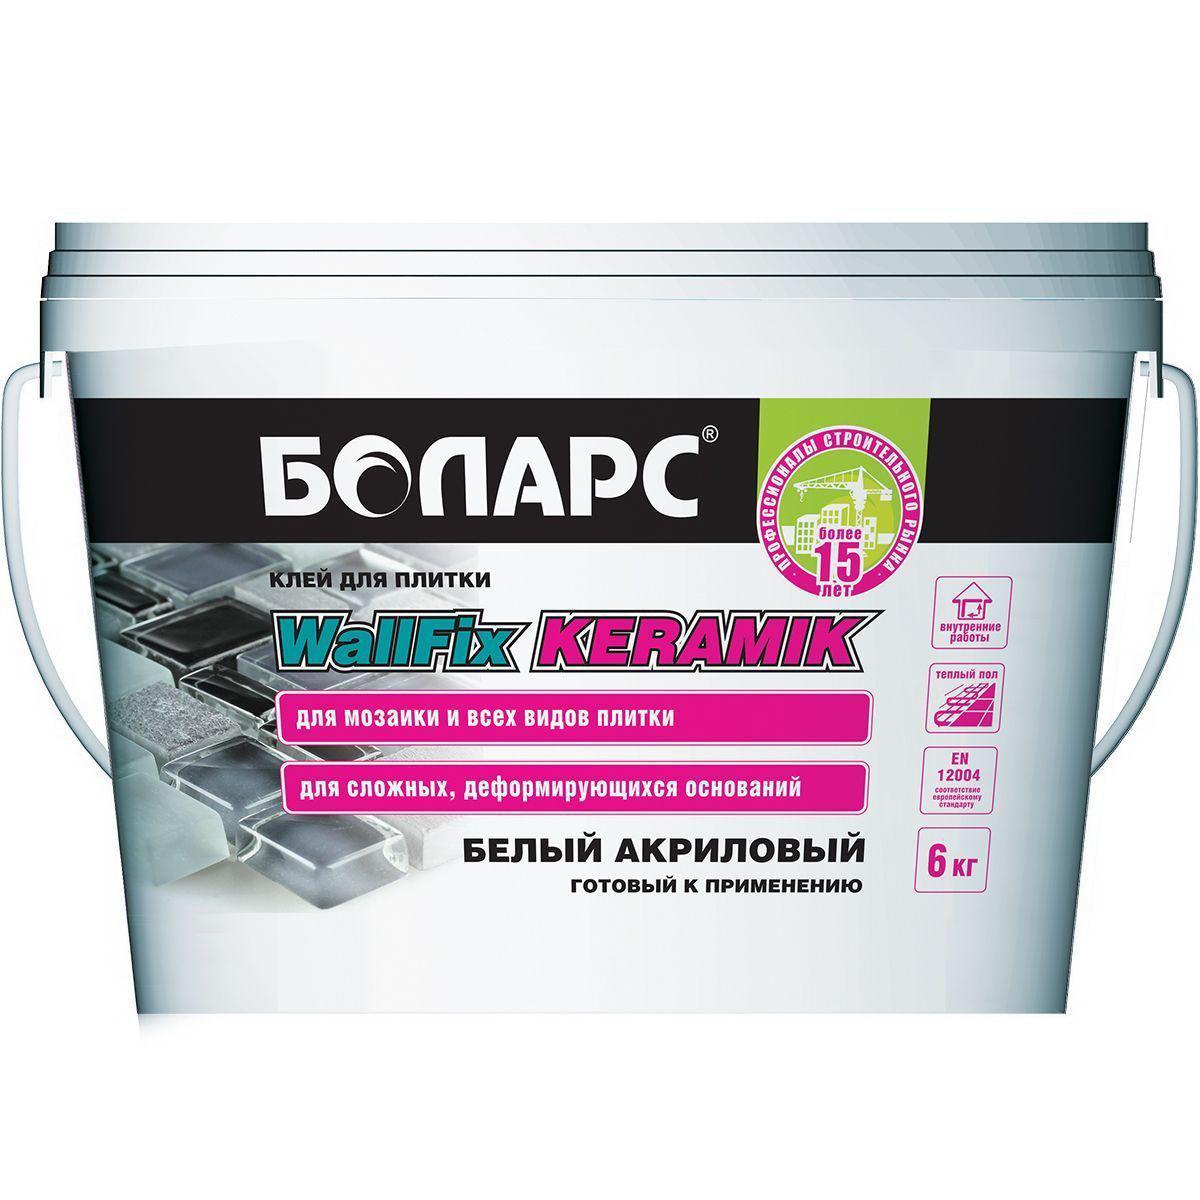 """Клей для плитки Боларс """"WallFix Keramik"""", 6 кг БМ000013352"""